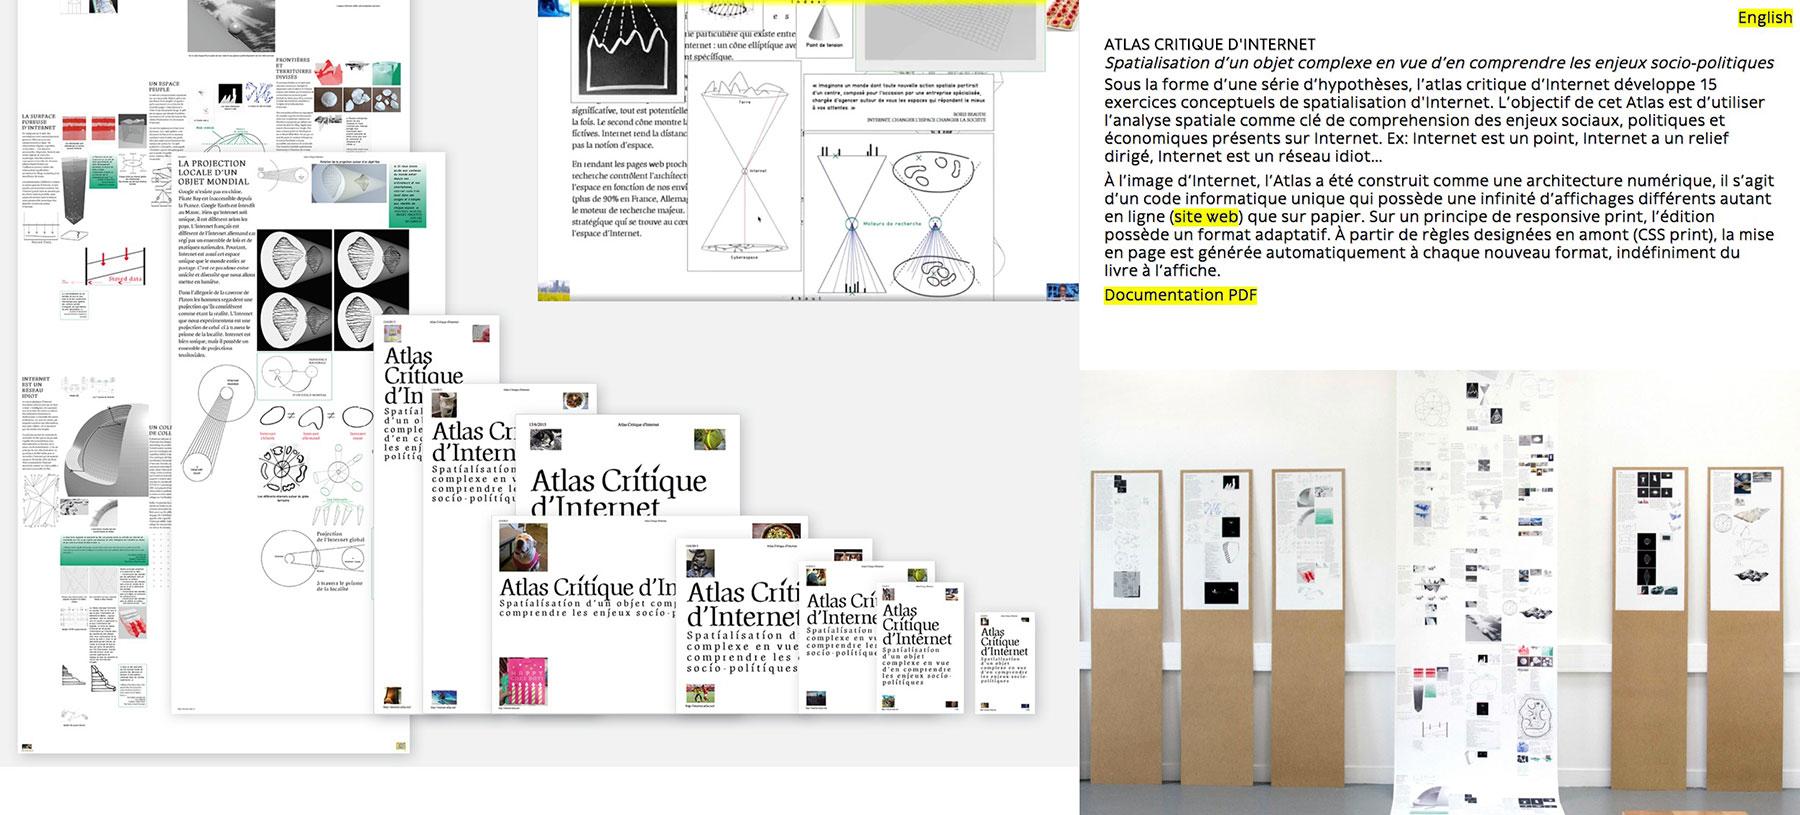 L-atlas-critique-d'Internet-louise-drulhe-projet-diplome-couv-index-grafik